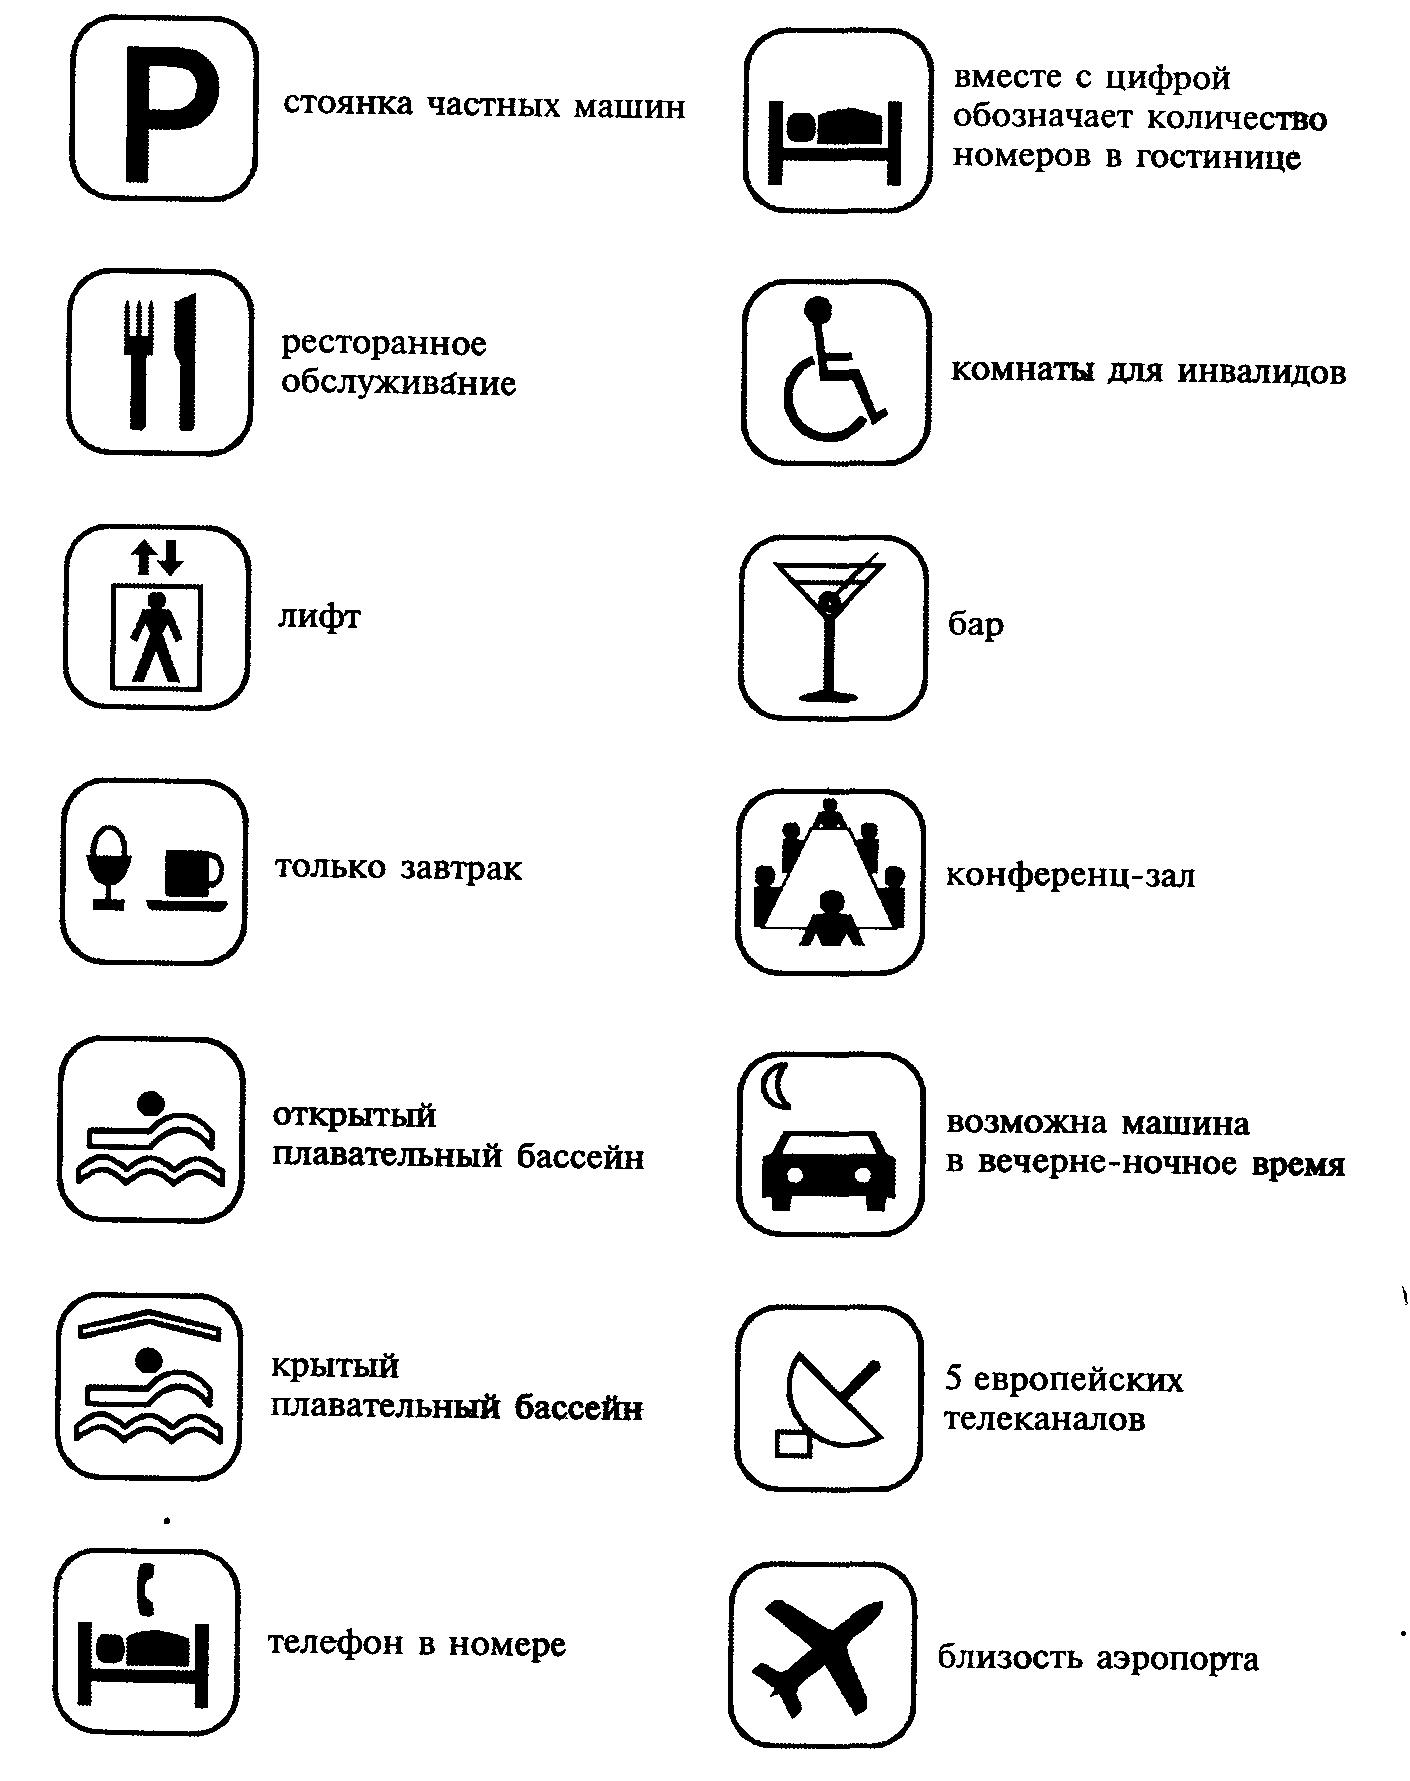 пиктограммы и их значения в картинках